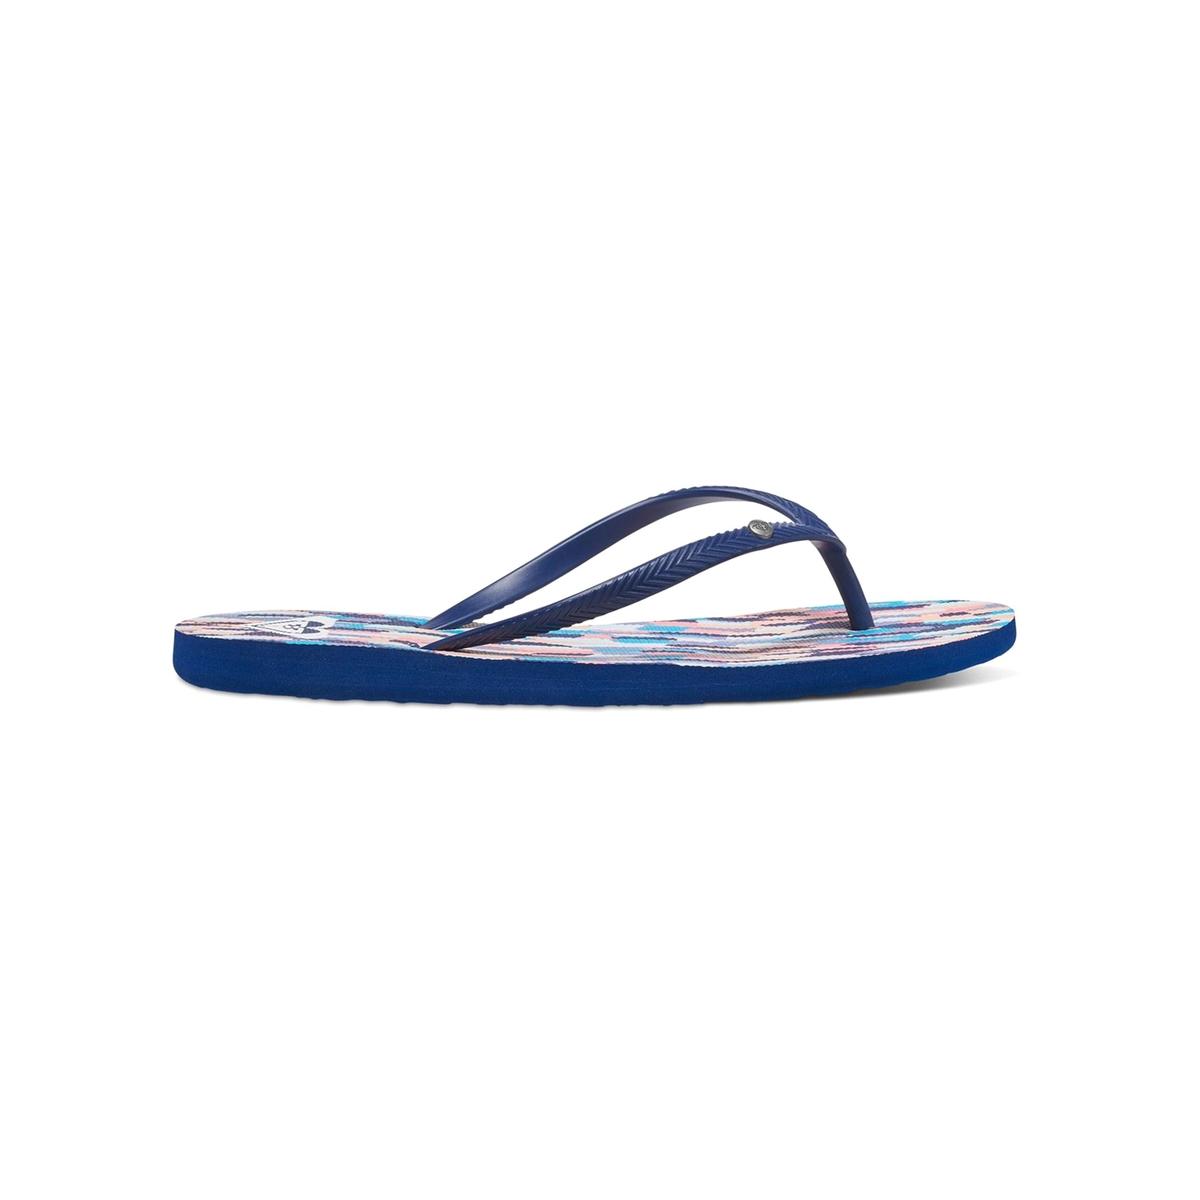 Вьетнамки BermudaВерх : синтетика   Подошва : каучук   Форма каблука : плоский каблук   Мысок : открытый мысок   Застежка : без застежки<br><br>Цвет: темно-синий<br>Размер: 42